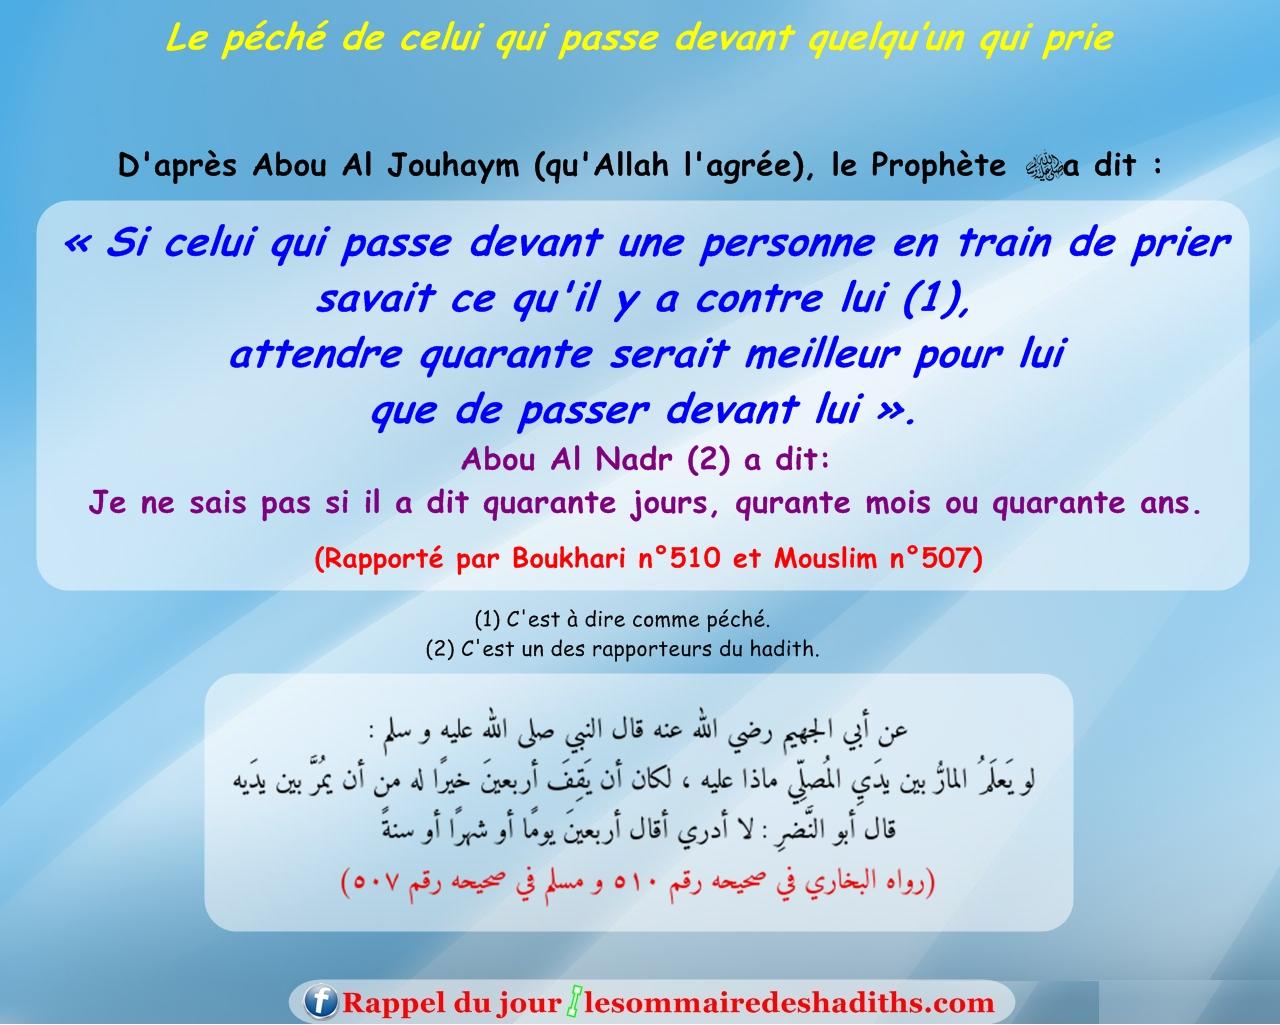 hadith Le péché de celui qui passe devant quelqu'un qui prie (Abu Al-Jouhaym)